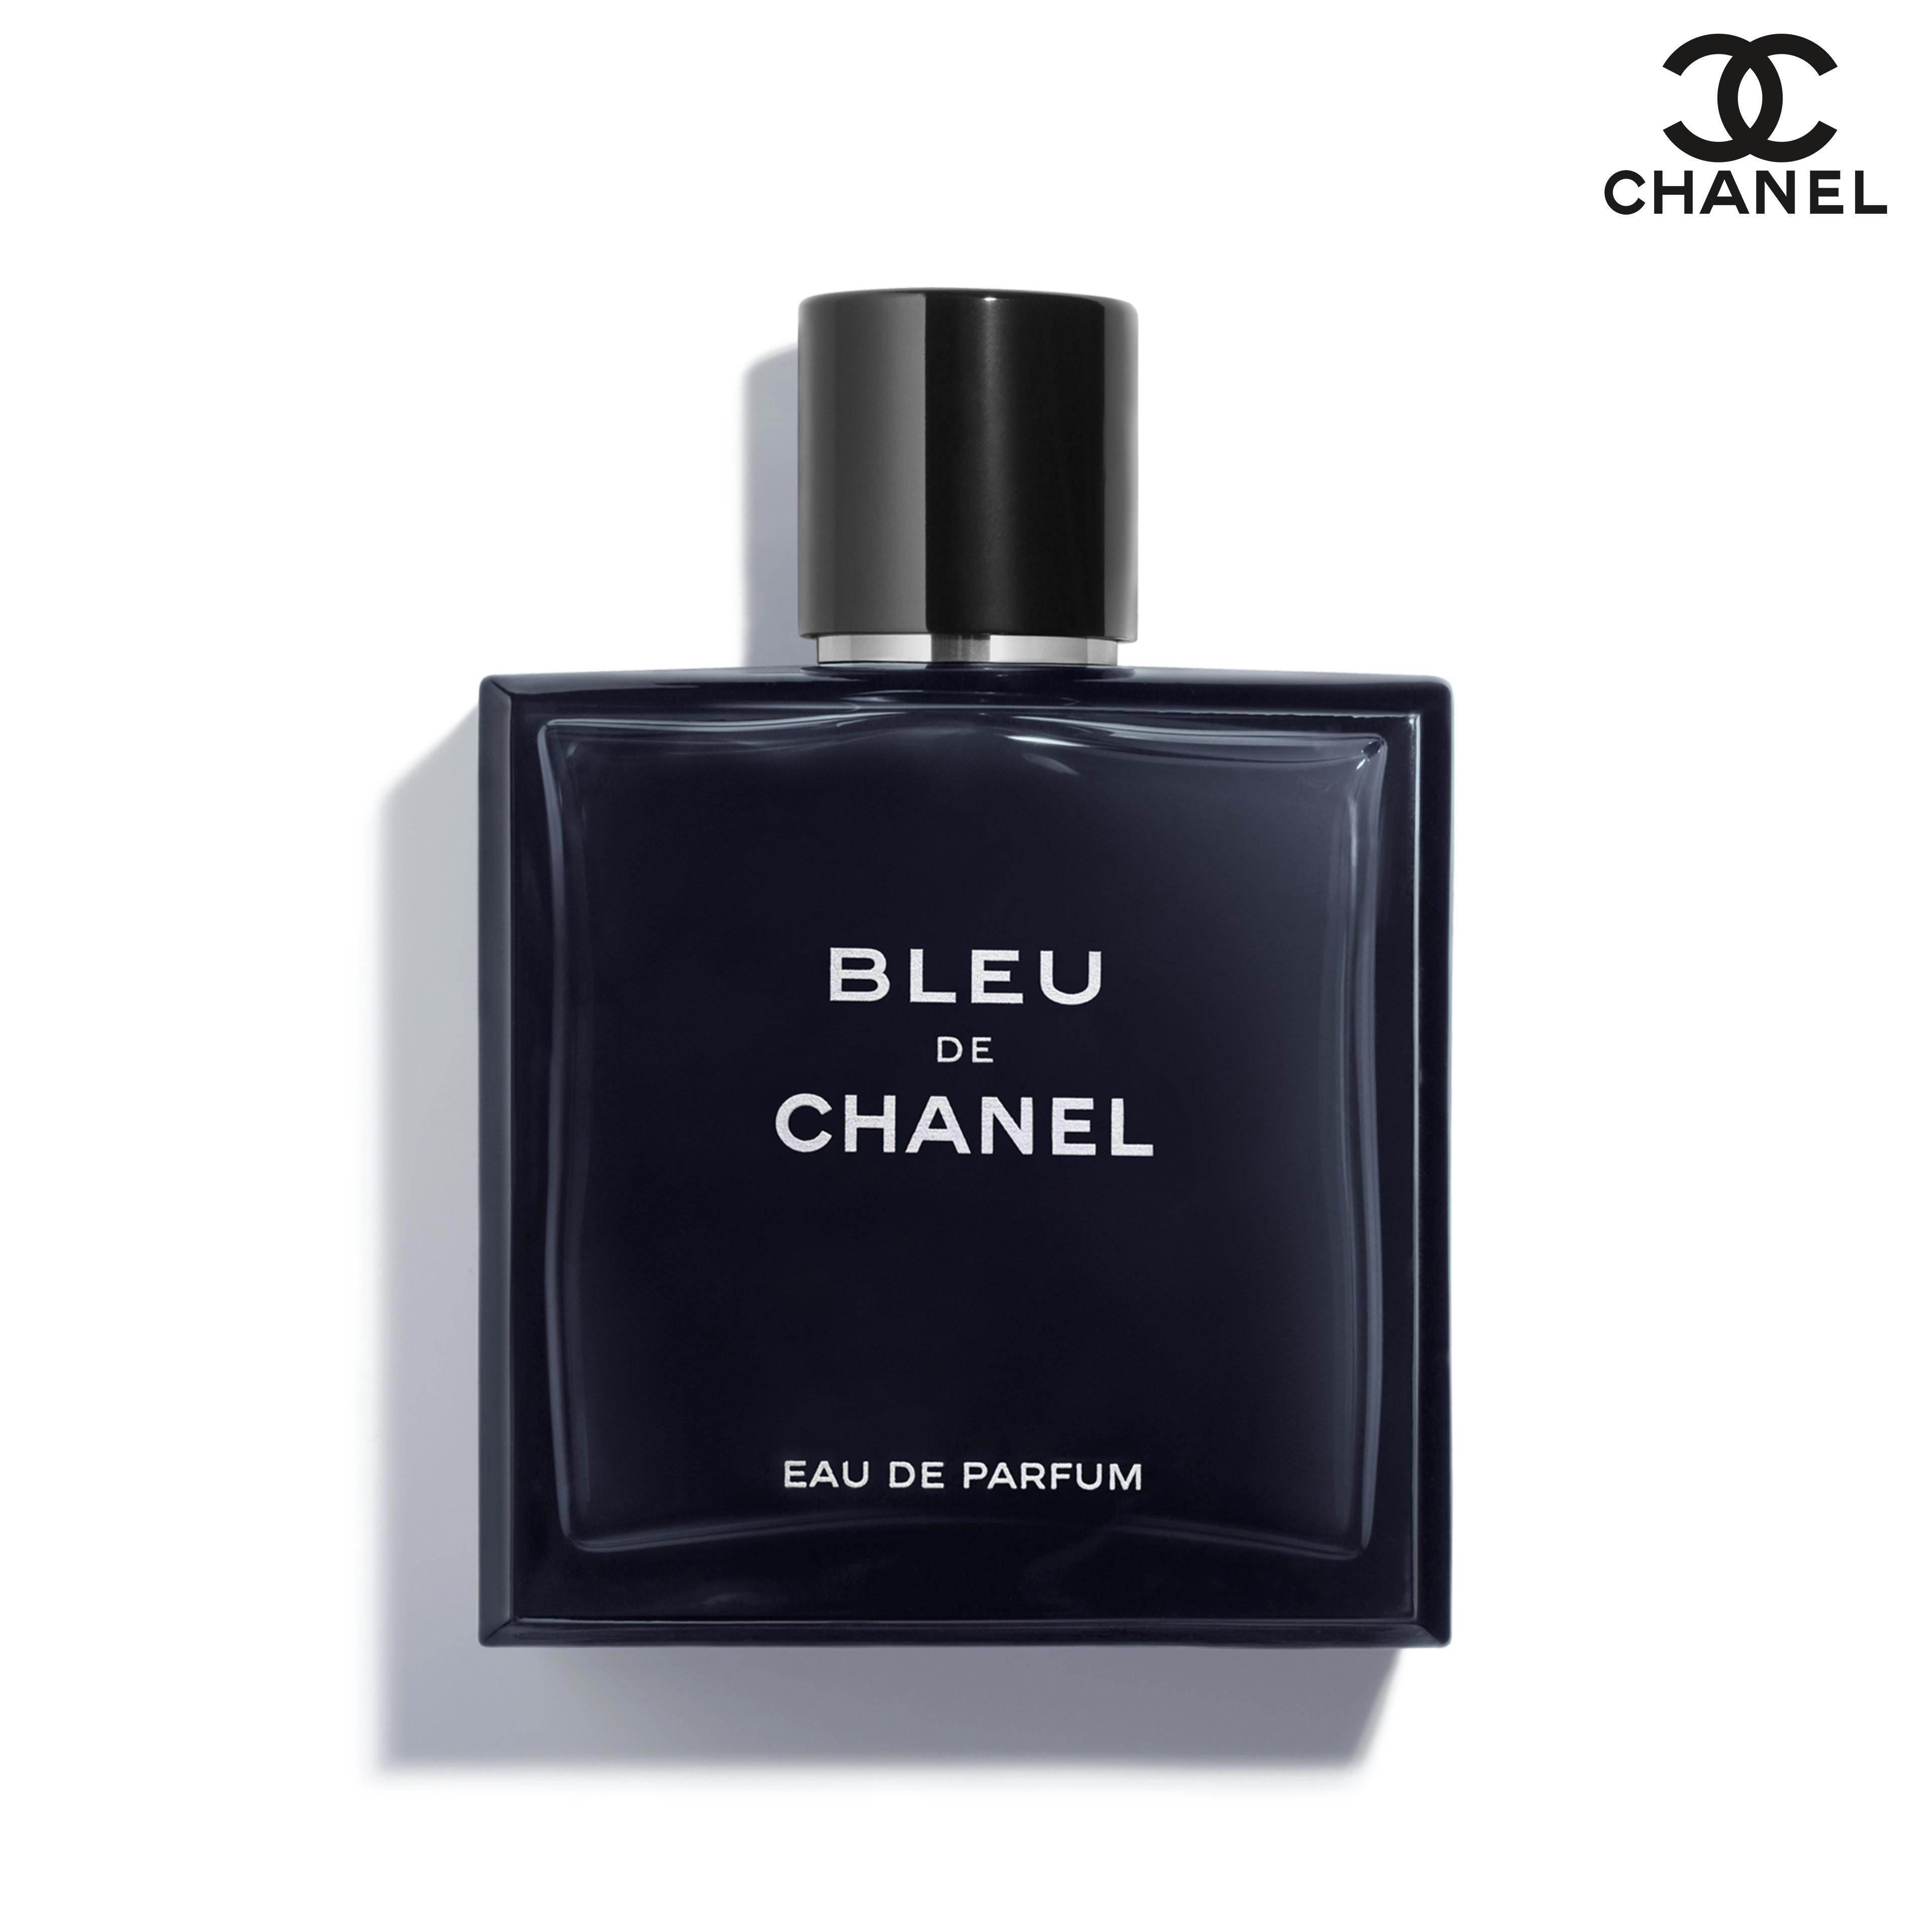 CHANEL 香奈兒藍色男性淡香精 Bleu de Chanel 50ml 男性香水